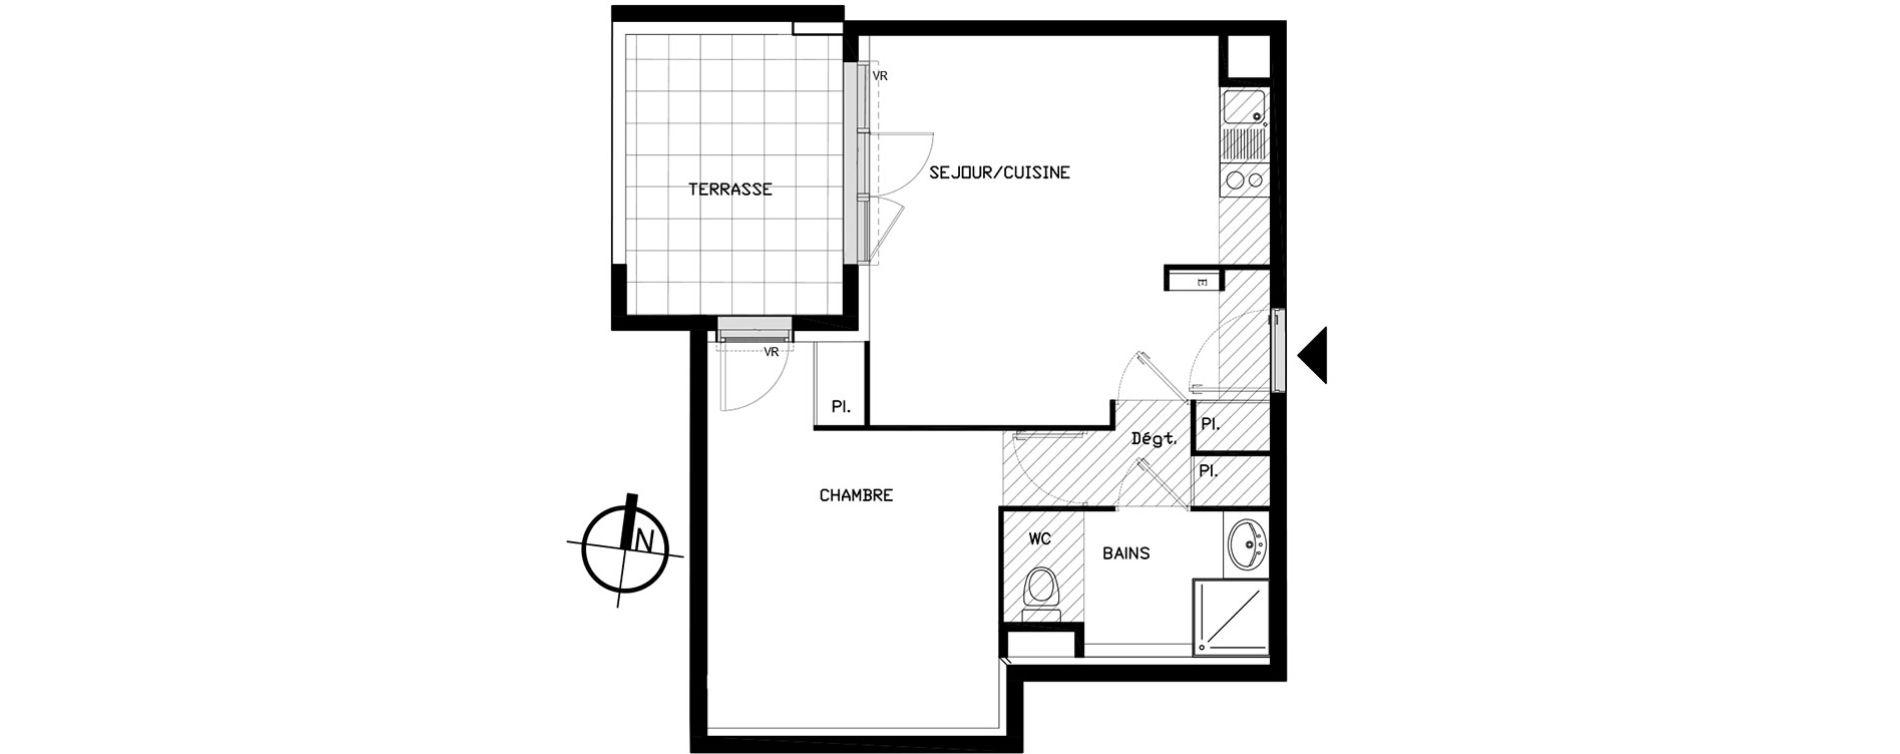 Appartement T2 de 43,00 m2 à Castelnau-Le-Lez Sablas - mendrous